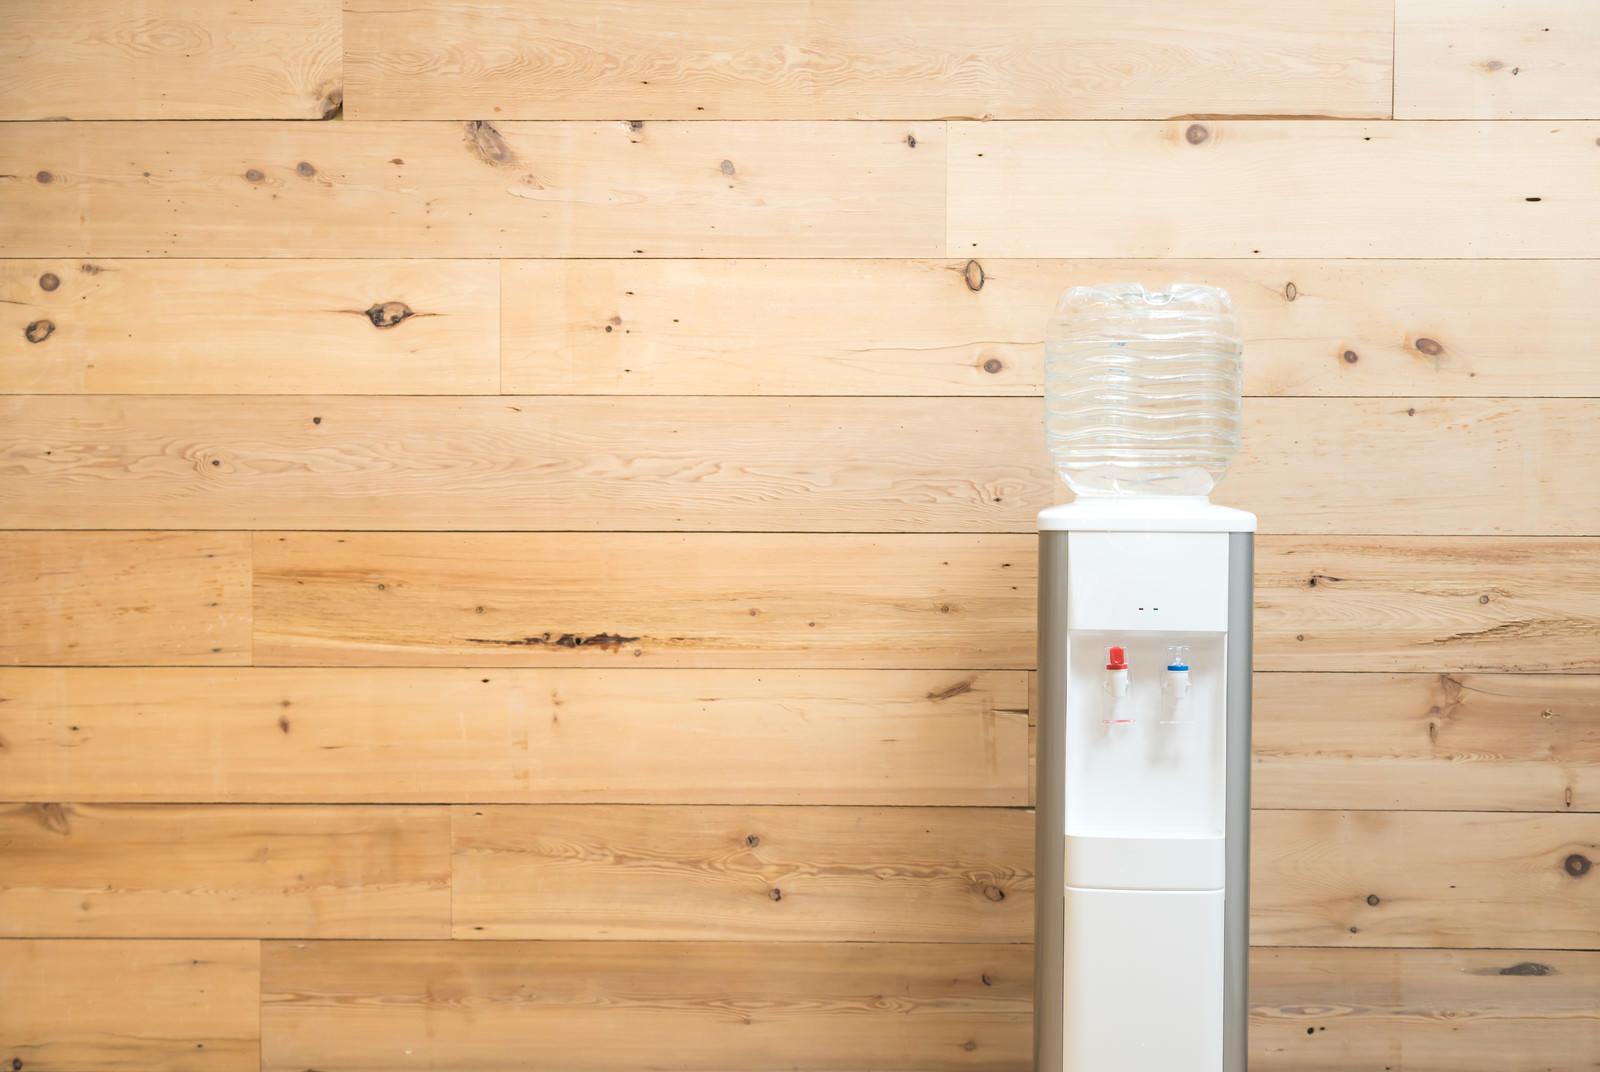 「木目調の壁とウォーターサーバー | 写真の無料素材・フリー素材 - ぱくたそ」の写真